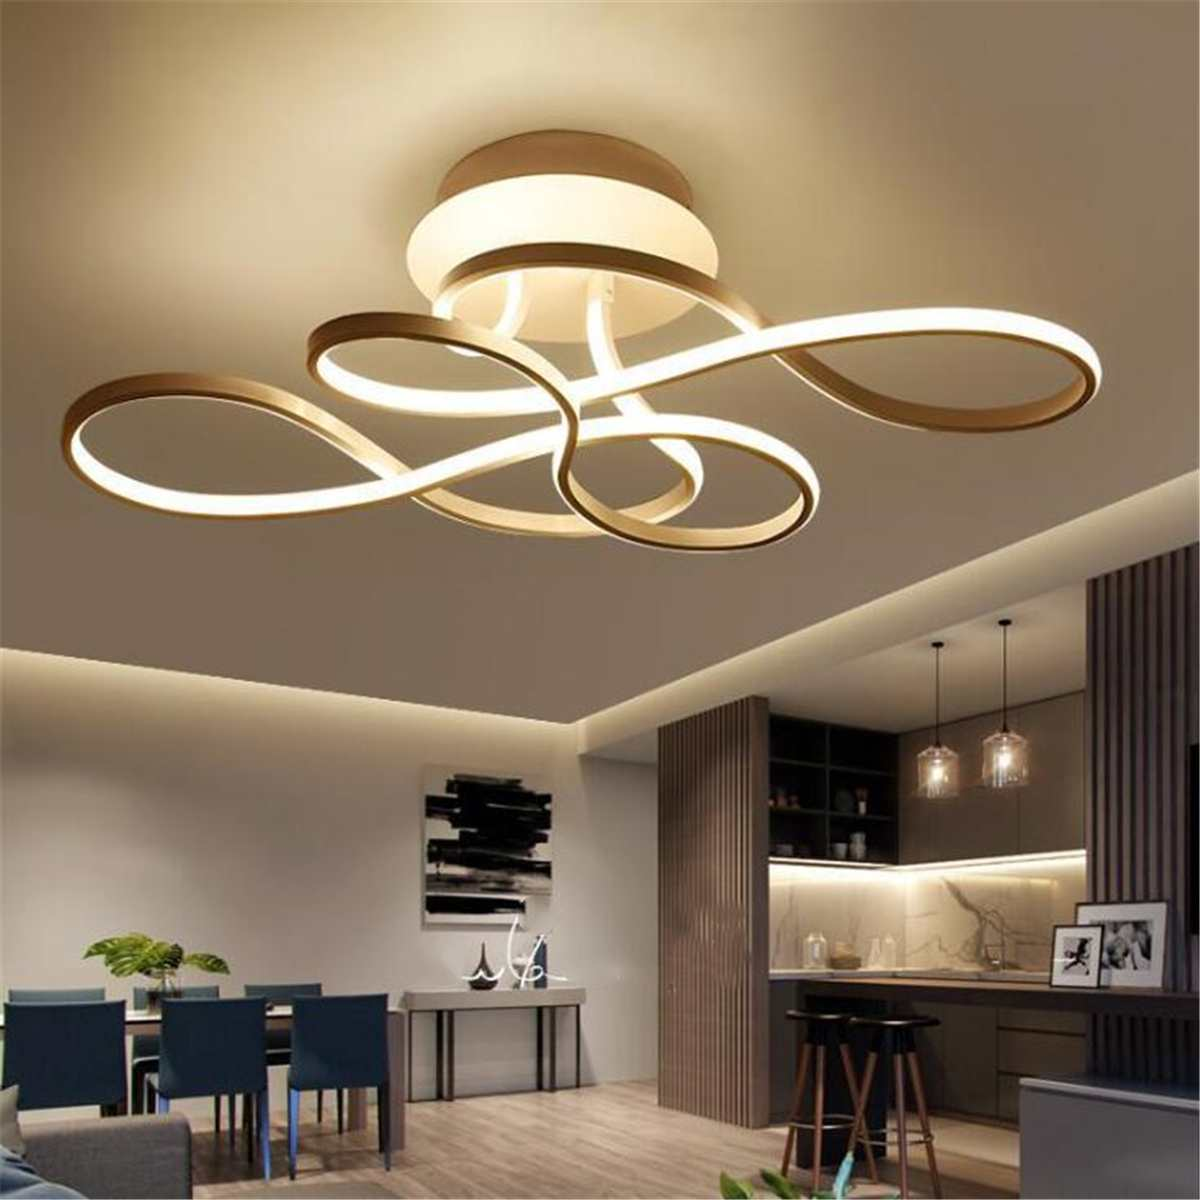 110 V plafonnier moderne en Aluminium acrylique LED plafonniers luminaires Rectangle suspension lumière chaude lampe salon